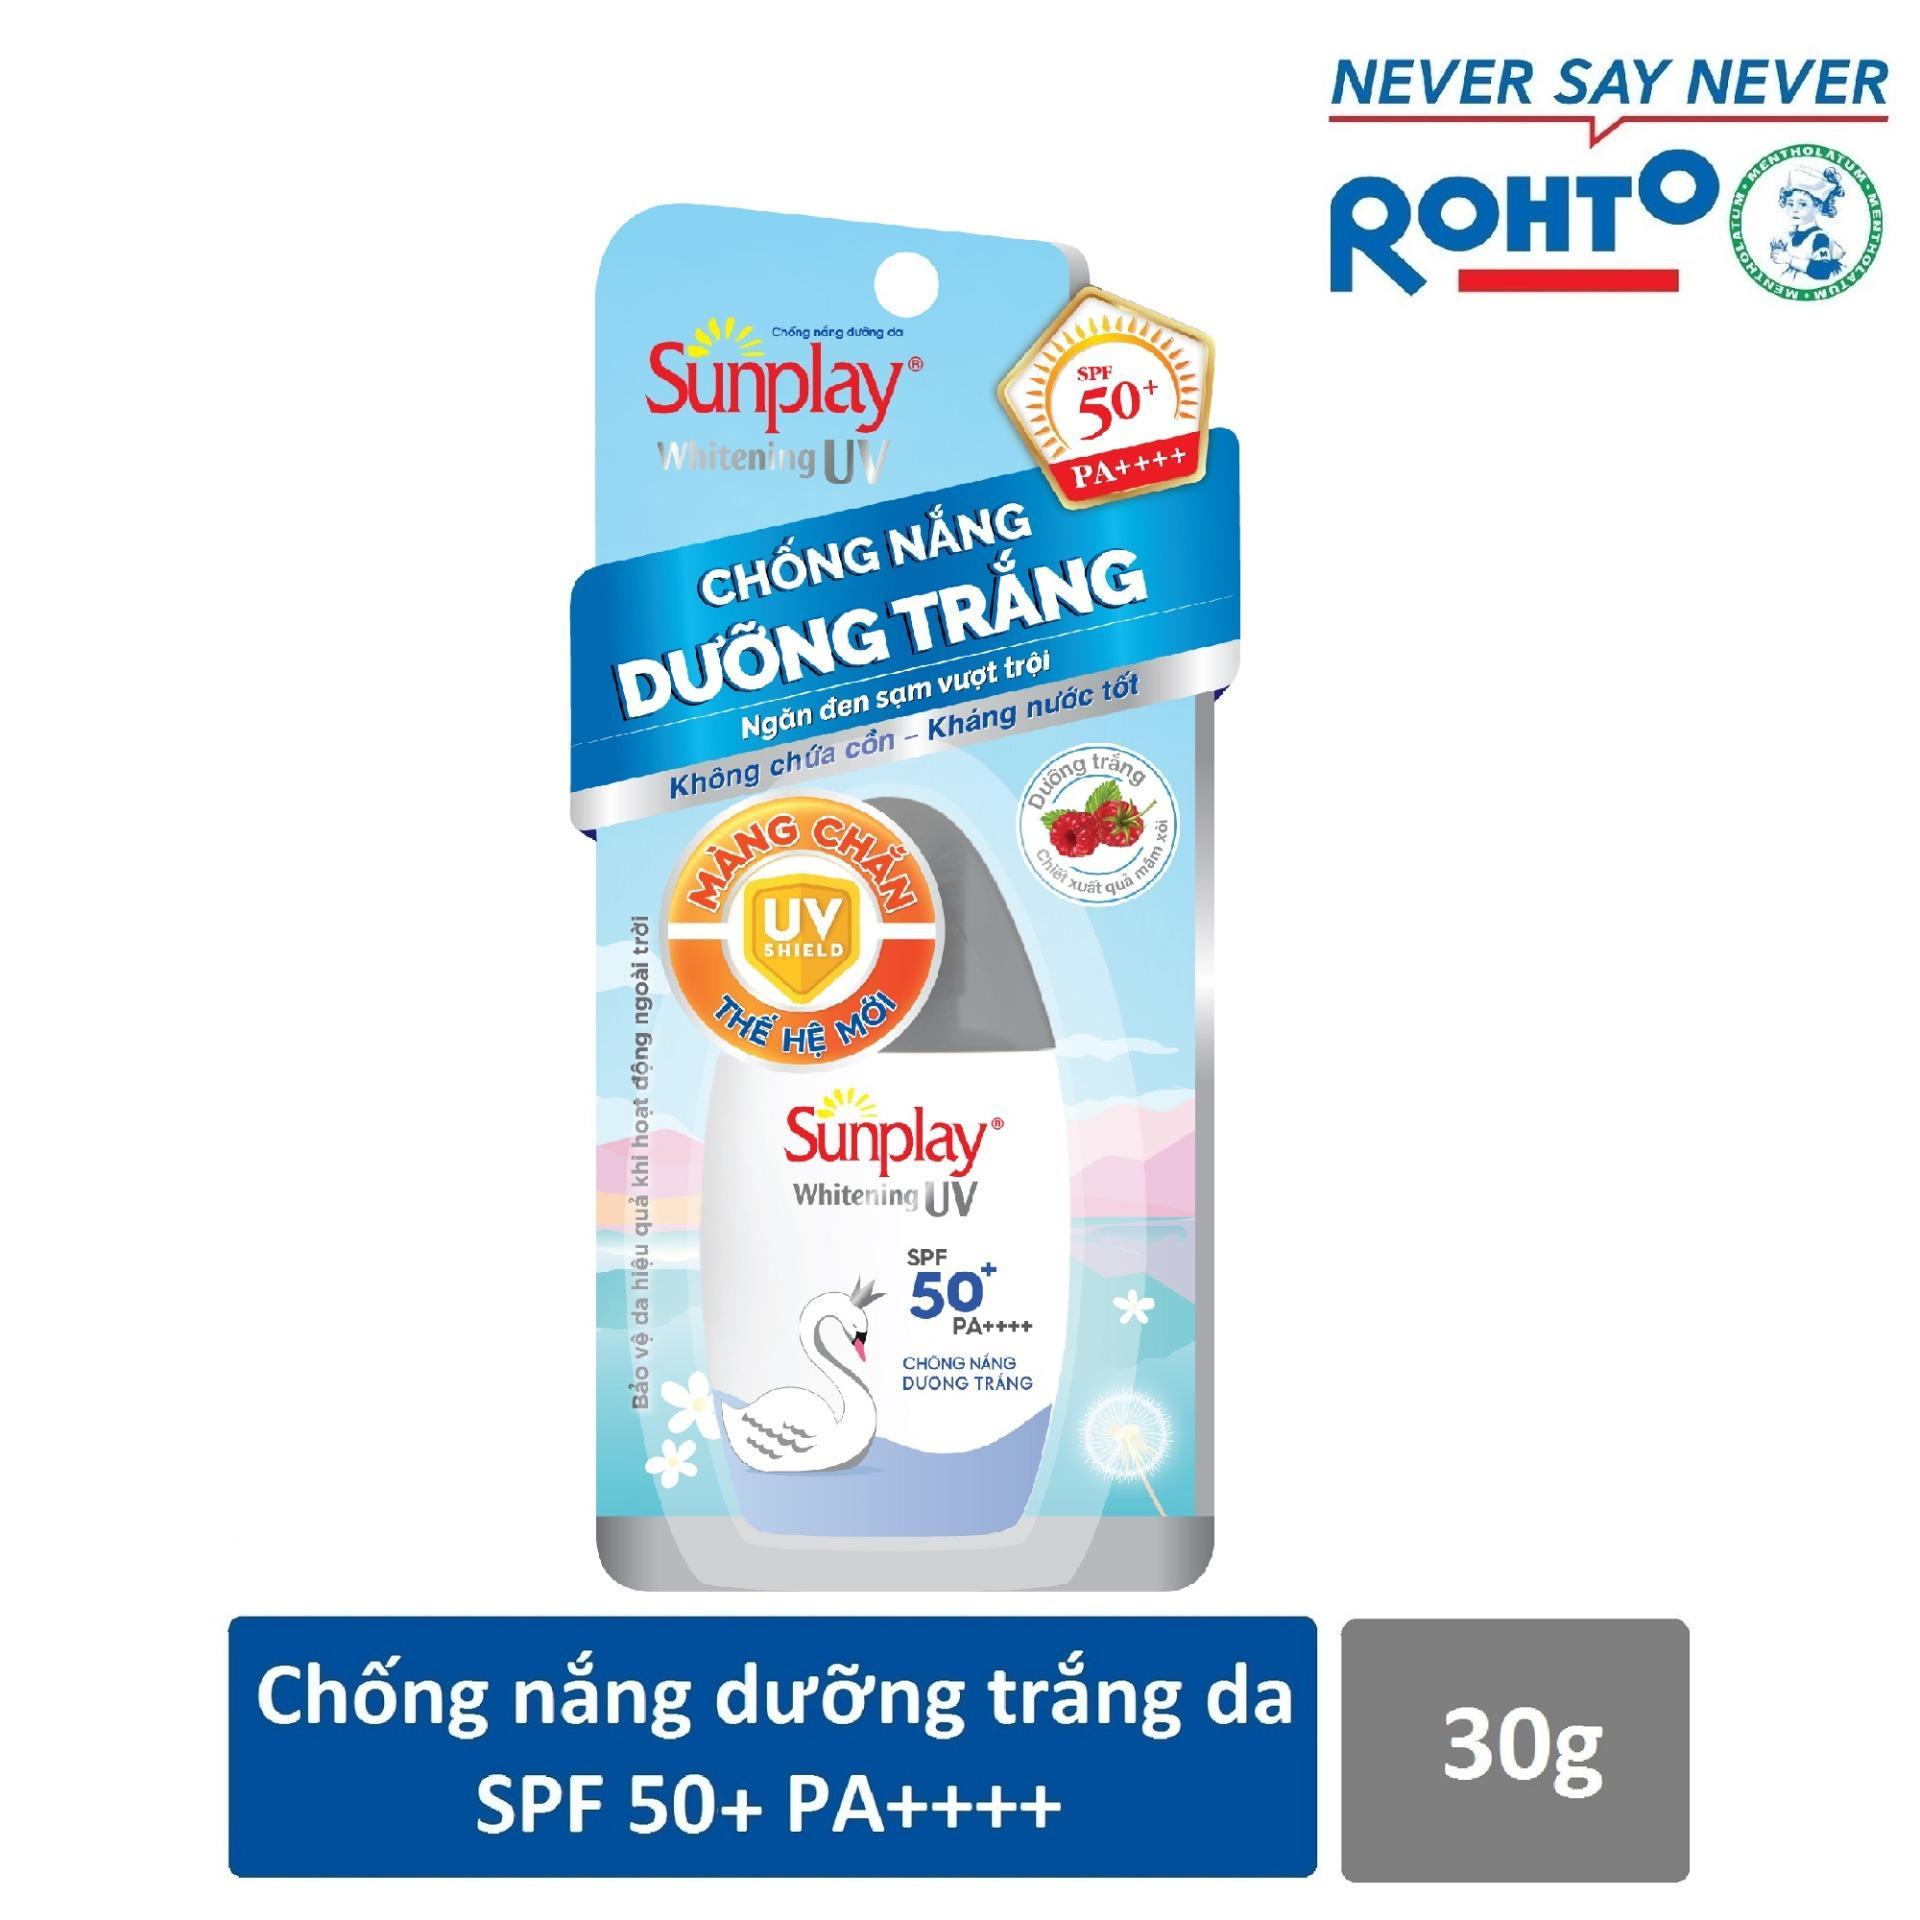 Kem chống nắng dạng Sữa dưỡng da trắng đẹp Sunplay Whitening UV SPF 50+, PA++++ 30g